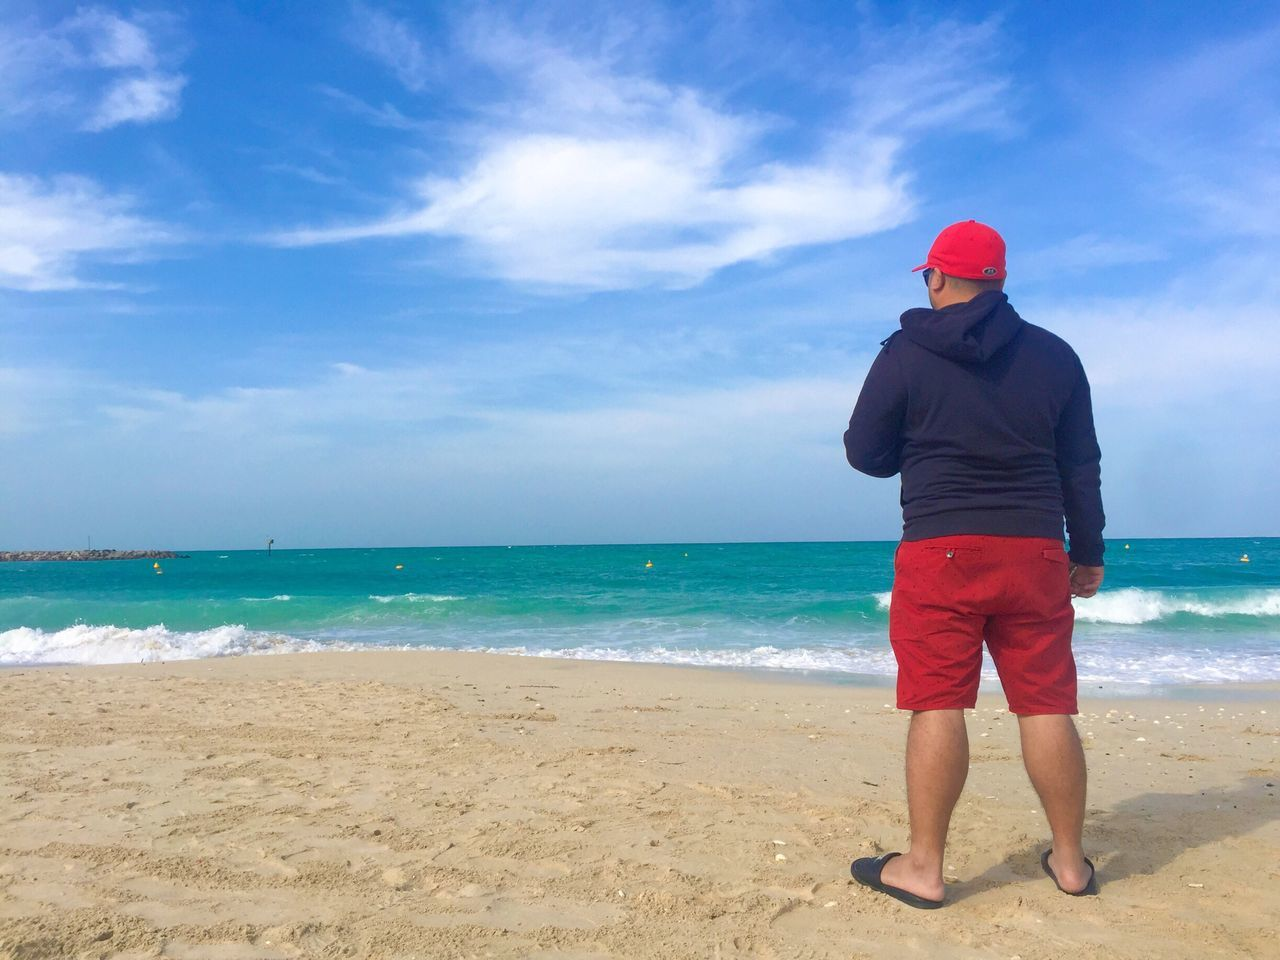 My Love 😍 Dubai Beachbum Summer Views Sea View Iphoneonly EyeEm Nature Lover EyeEm Best Shots Winter UAE EyeEm Gallery Uae #dubai #sharjah #ajman #rak #fujairah #alain #abudhabi #ummalquwain #instagood #instamood #instalike #mydubai #myuae #dubaigems #emirates #dxb #myabudhabi #shj #insharjah #qatar Oman Bahrain Kuwait Ksa [ Nature Iphonephotography Beach